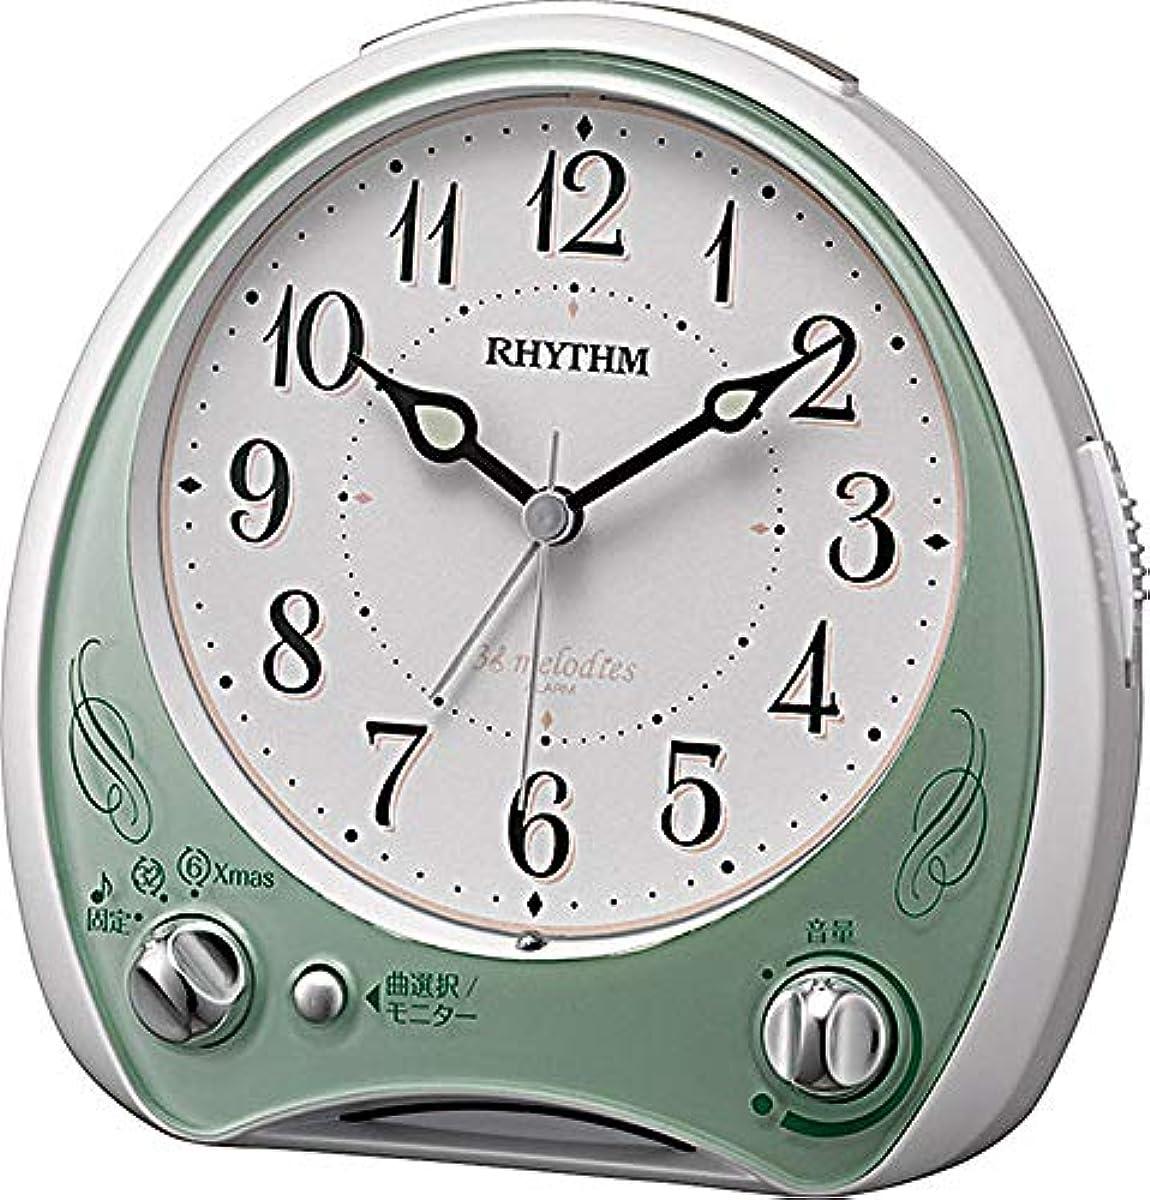 [해외] 리듬 시계 자명종 아날로그 연속 초침 아리아 칸퍼터빌레N 38 곡고음질 멜로디 탑재그린 RHYTHM 8RM400SR05